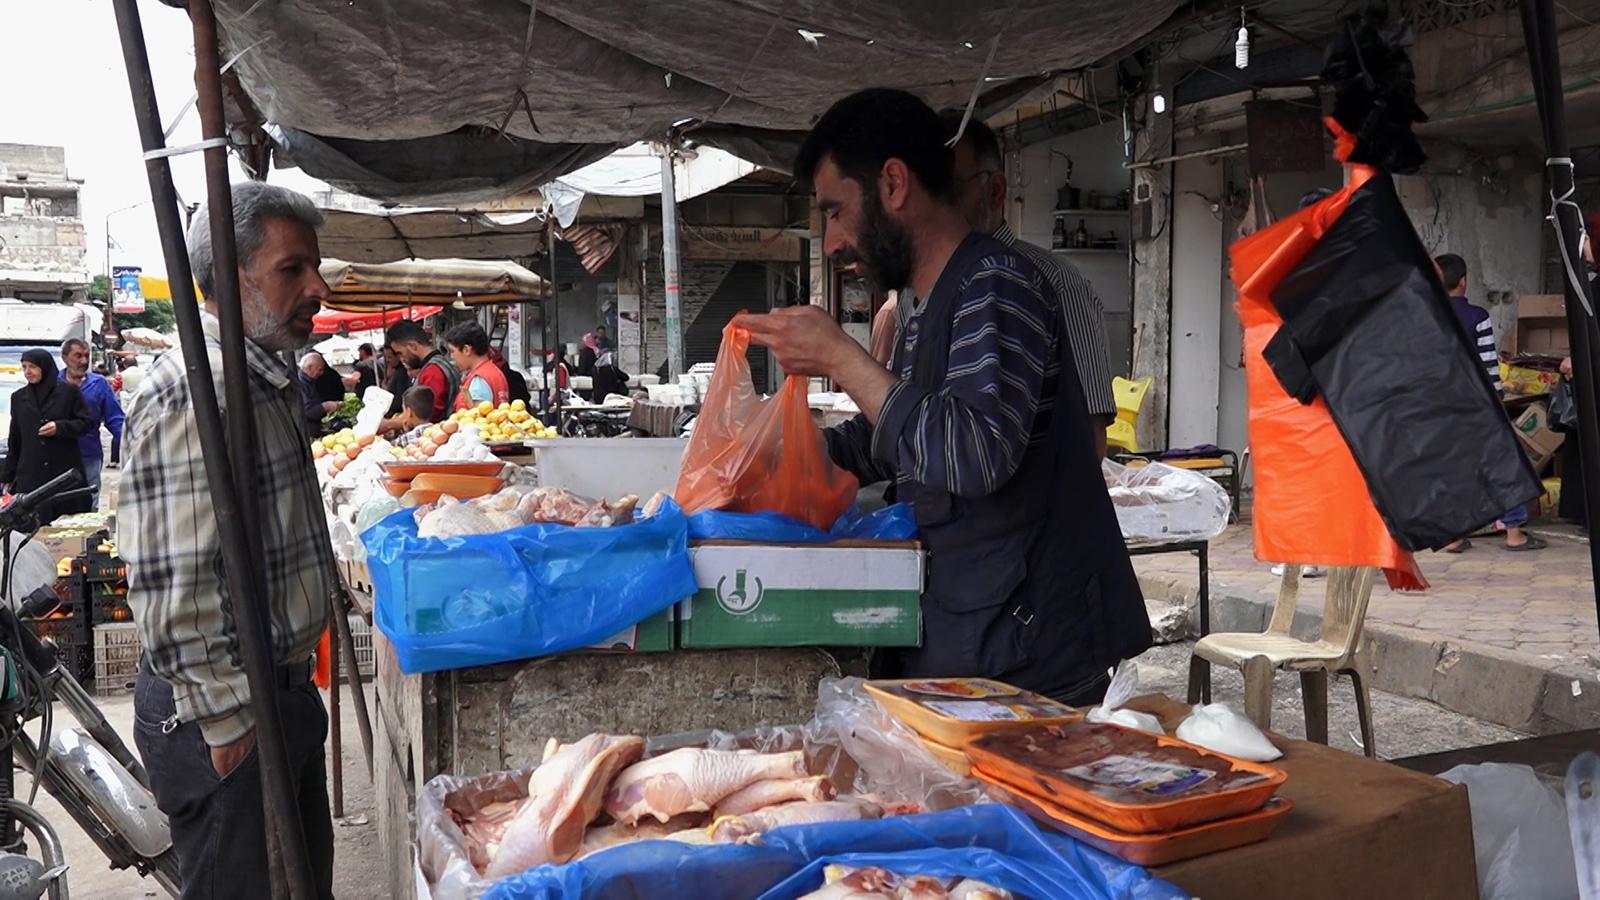 فقراء سوريا يلجؤون لبدائل غذائية في رمضان